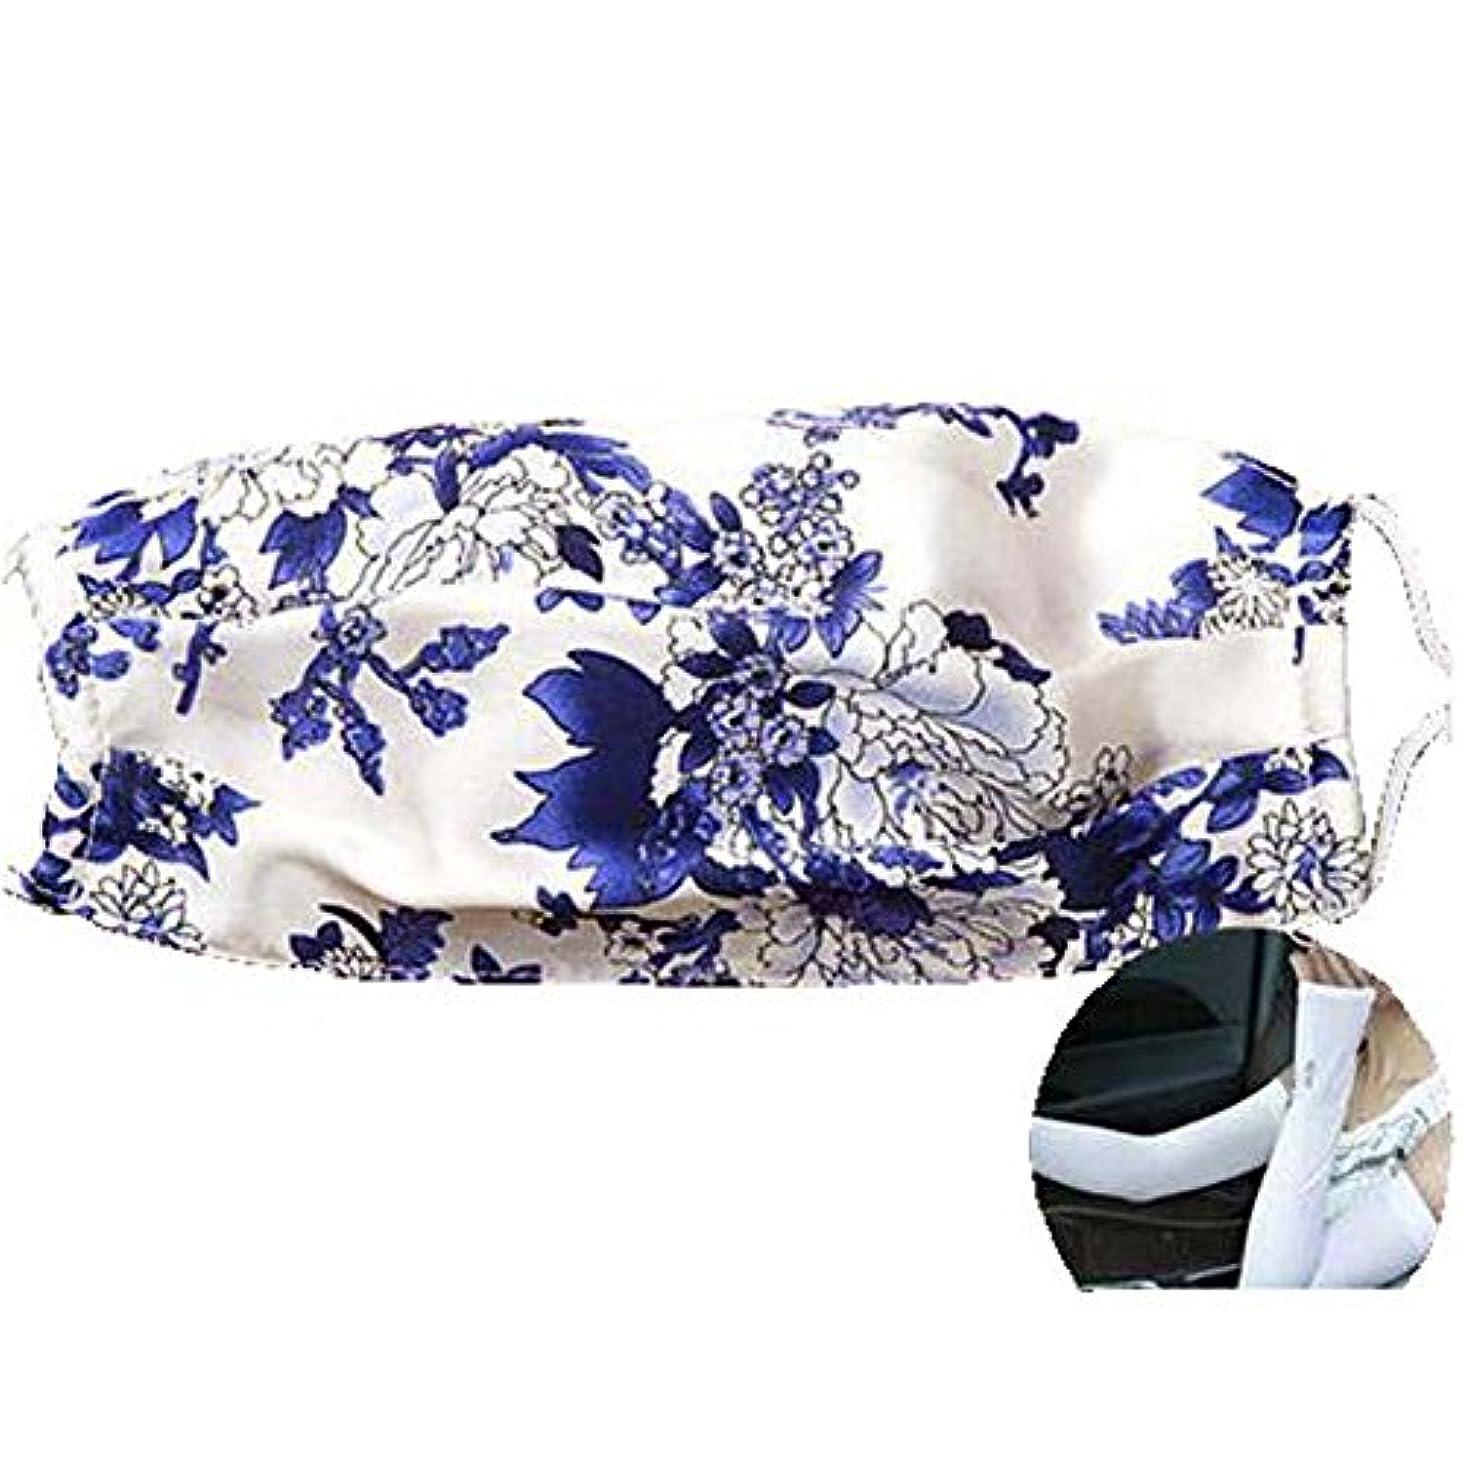 プレゼンテーションと遊ぶマザーランド再使用可能な洗えるシルクダストマスク、流行マスク、シルクアームスリーブ